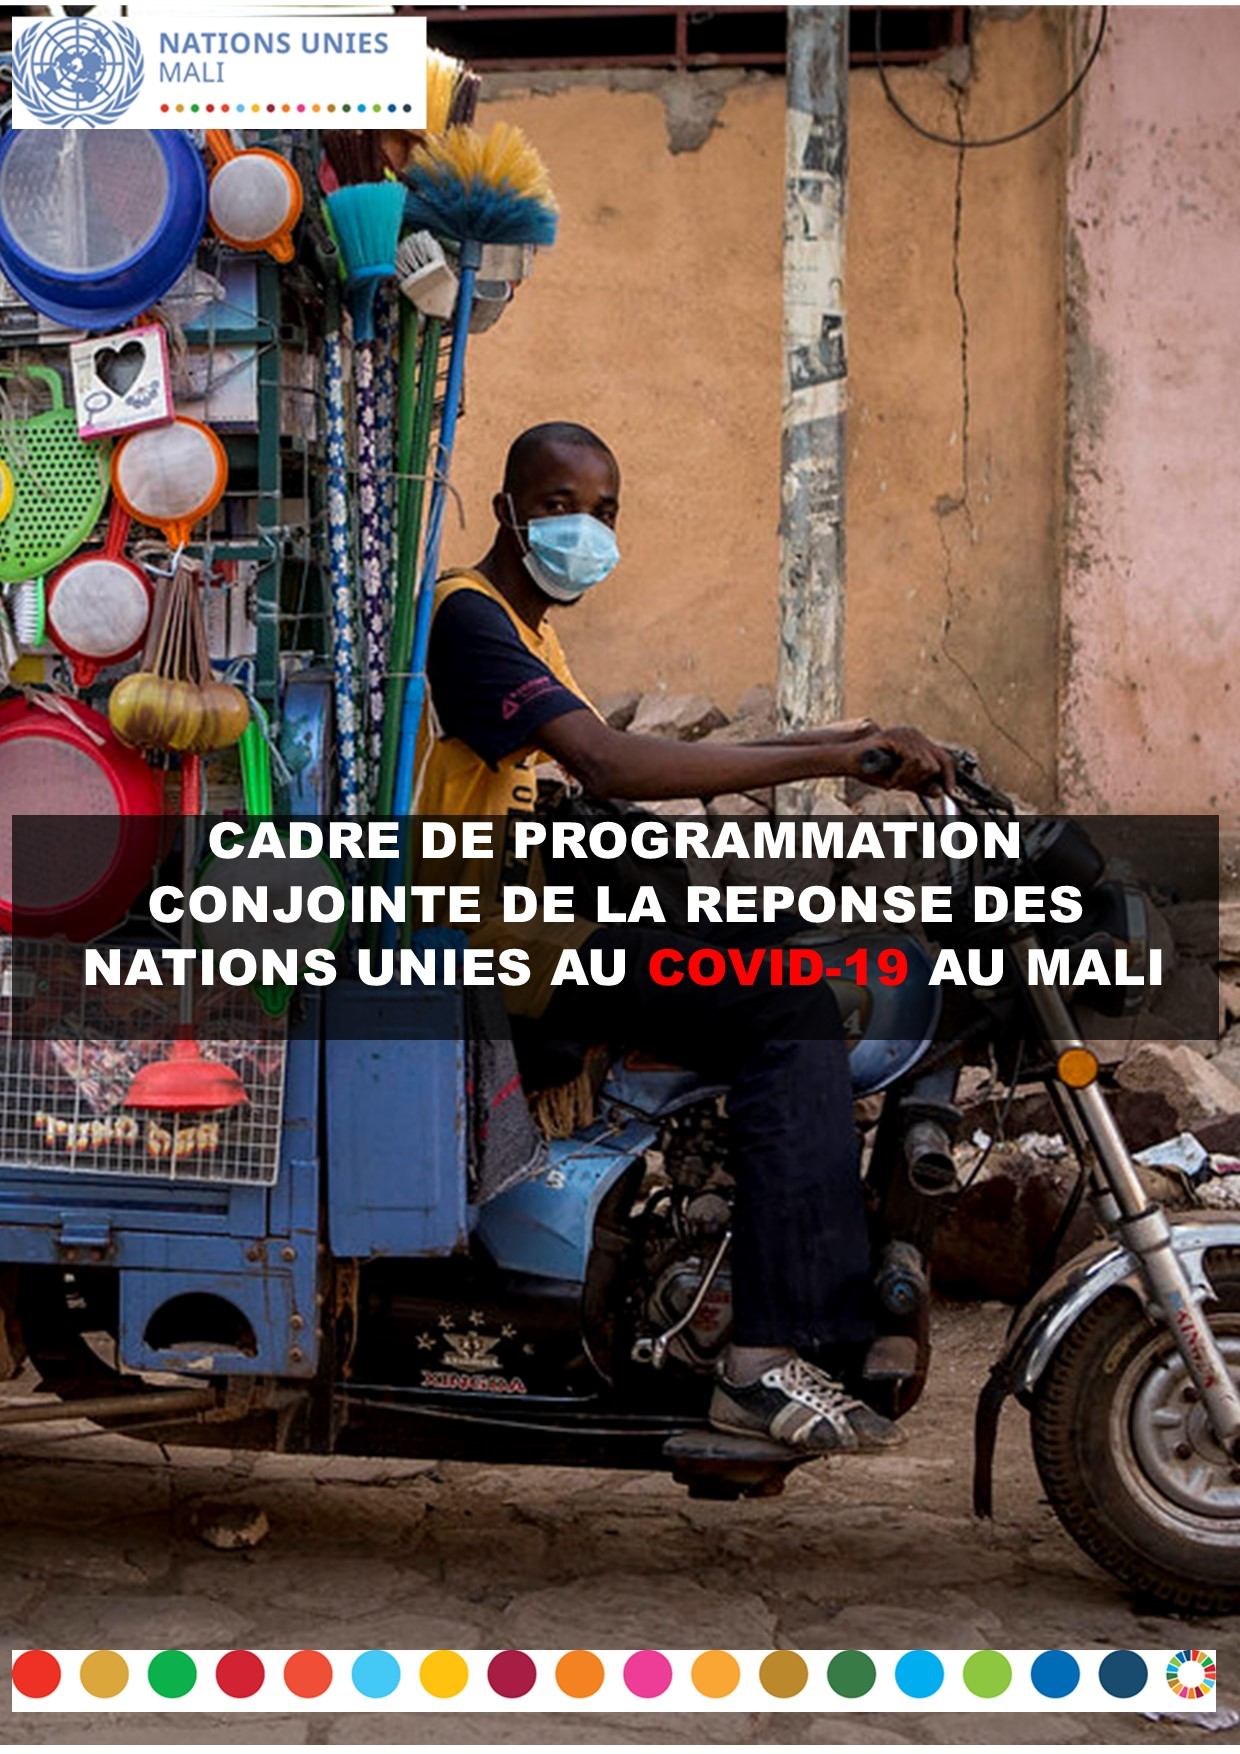 Cadre de Programmation Conjointe de la Réponse des Nations Unies au COVID-19 au Mali